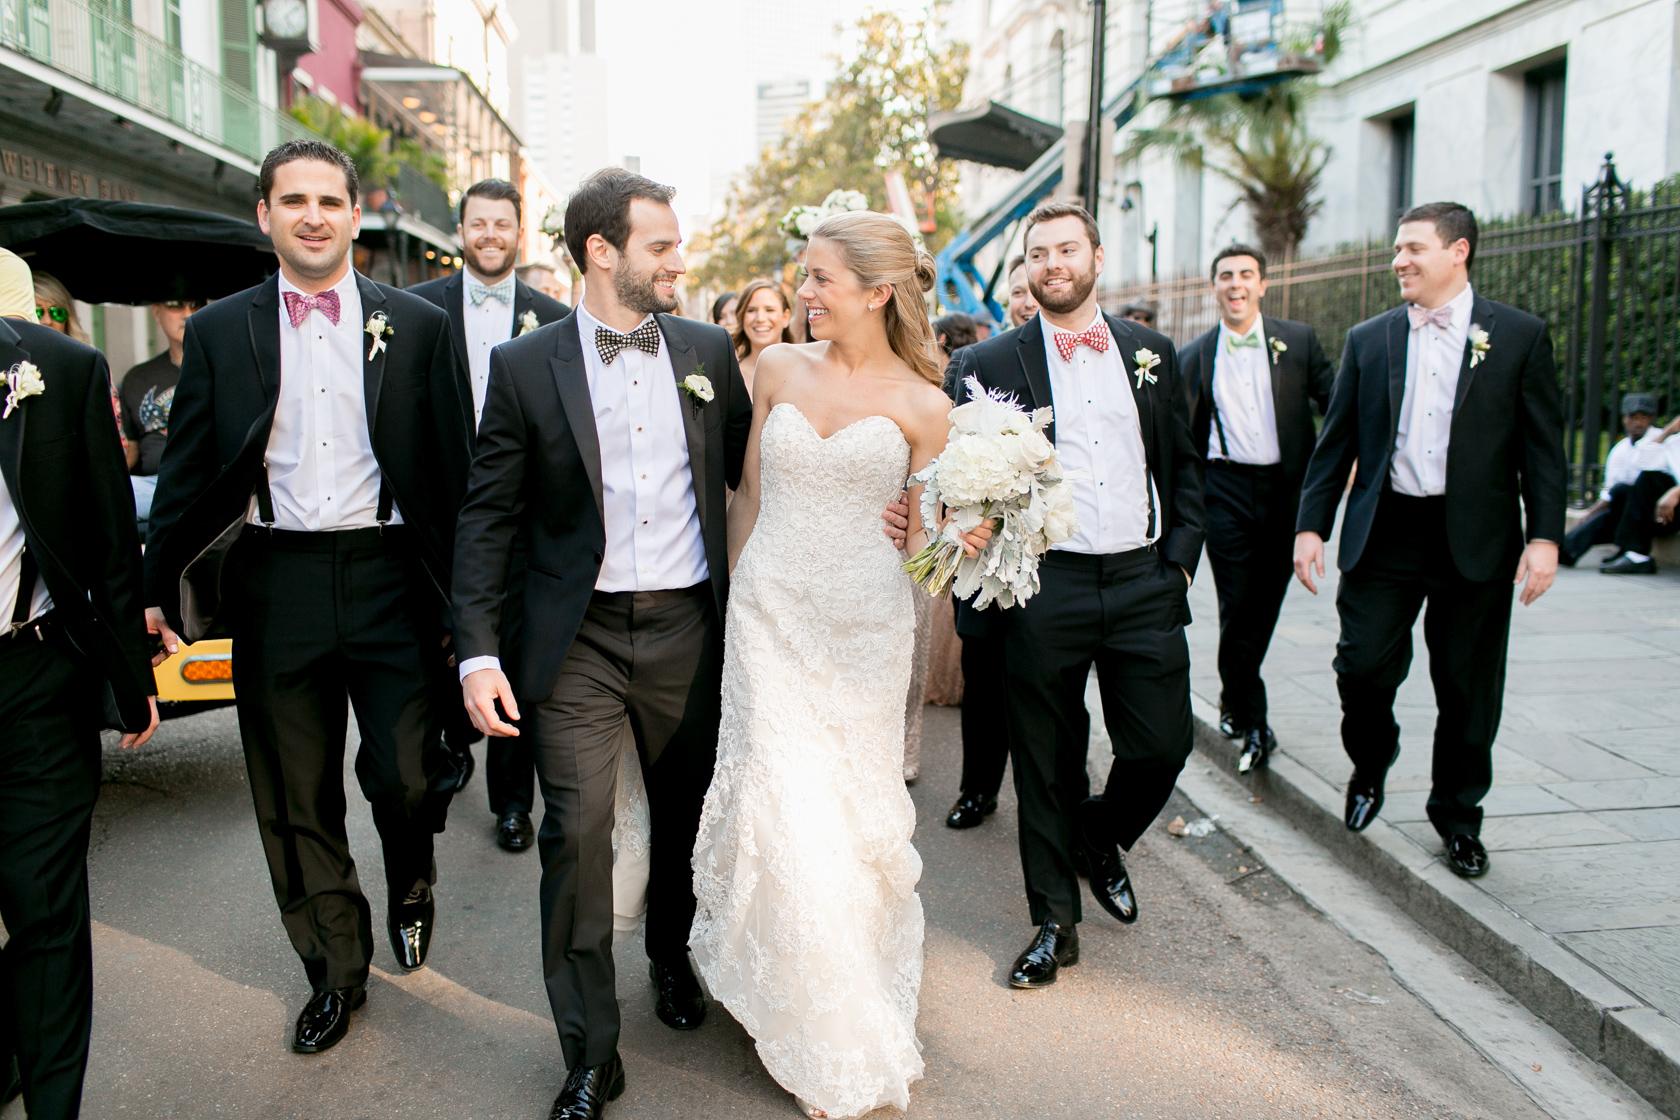 omni royal orleans wedding party